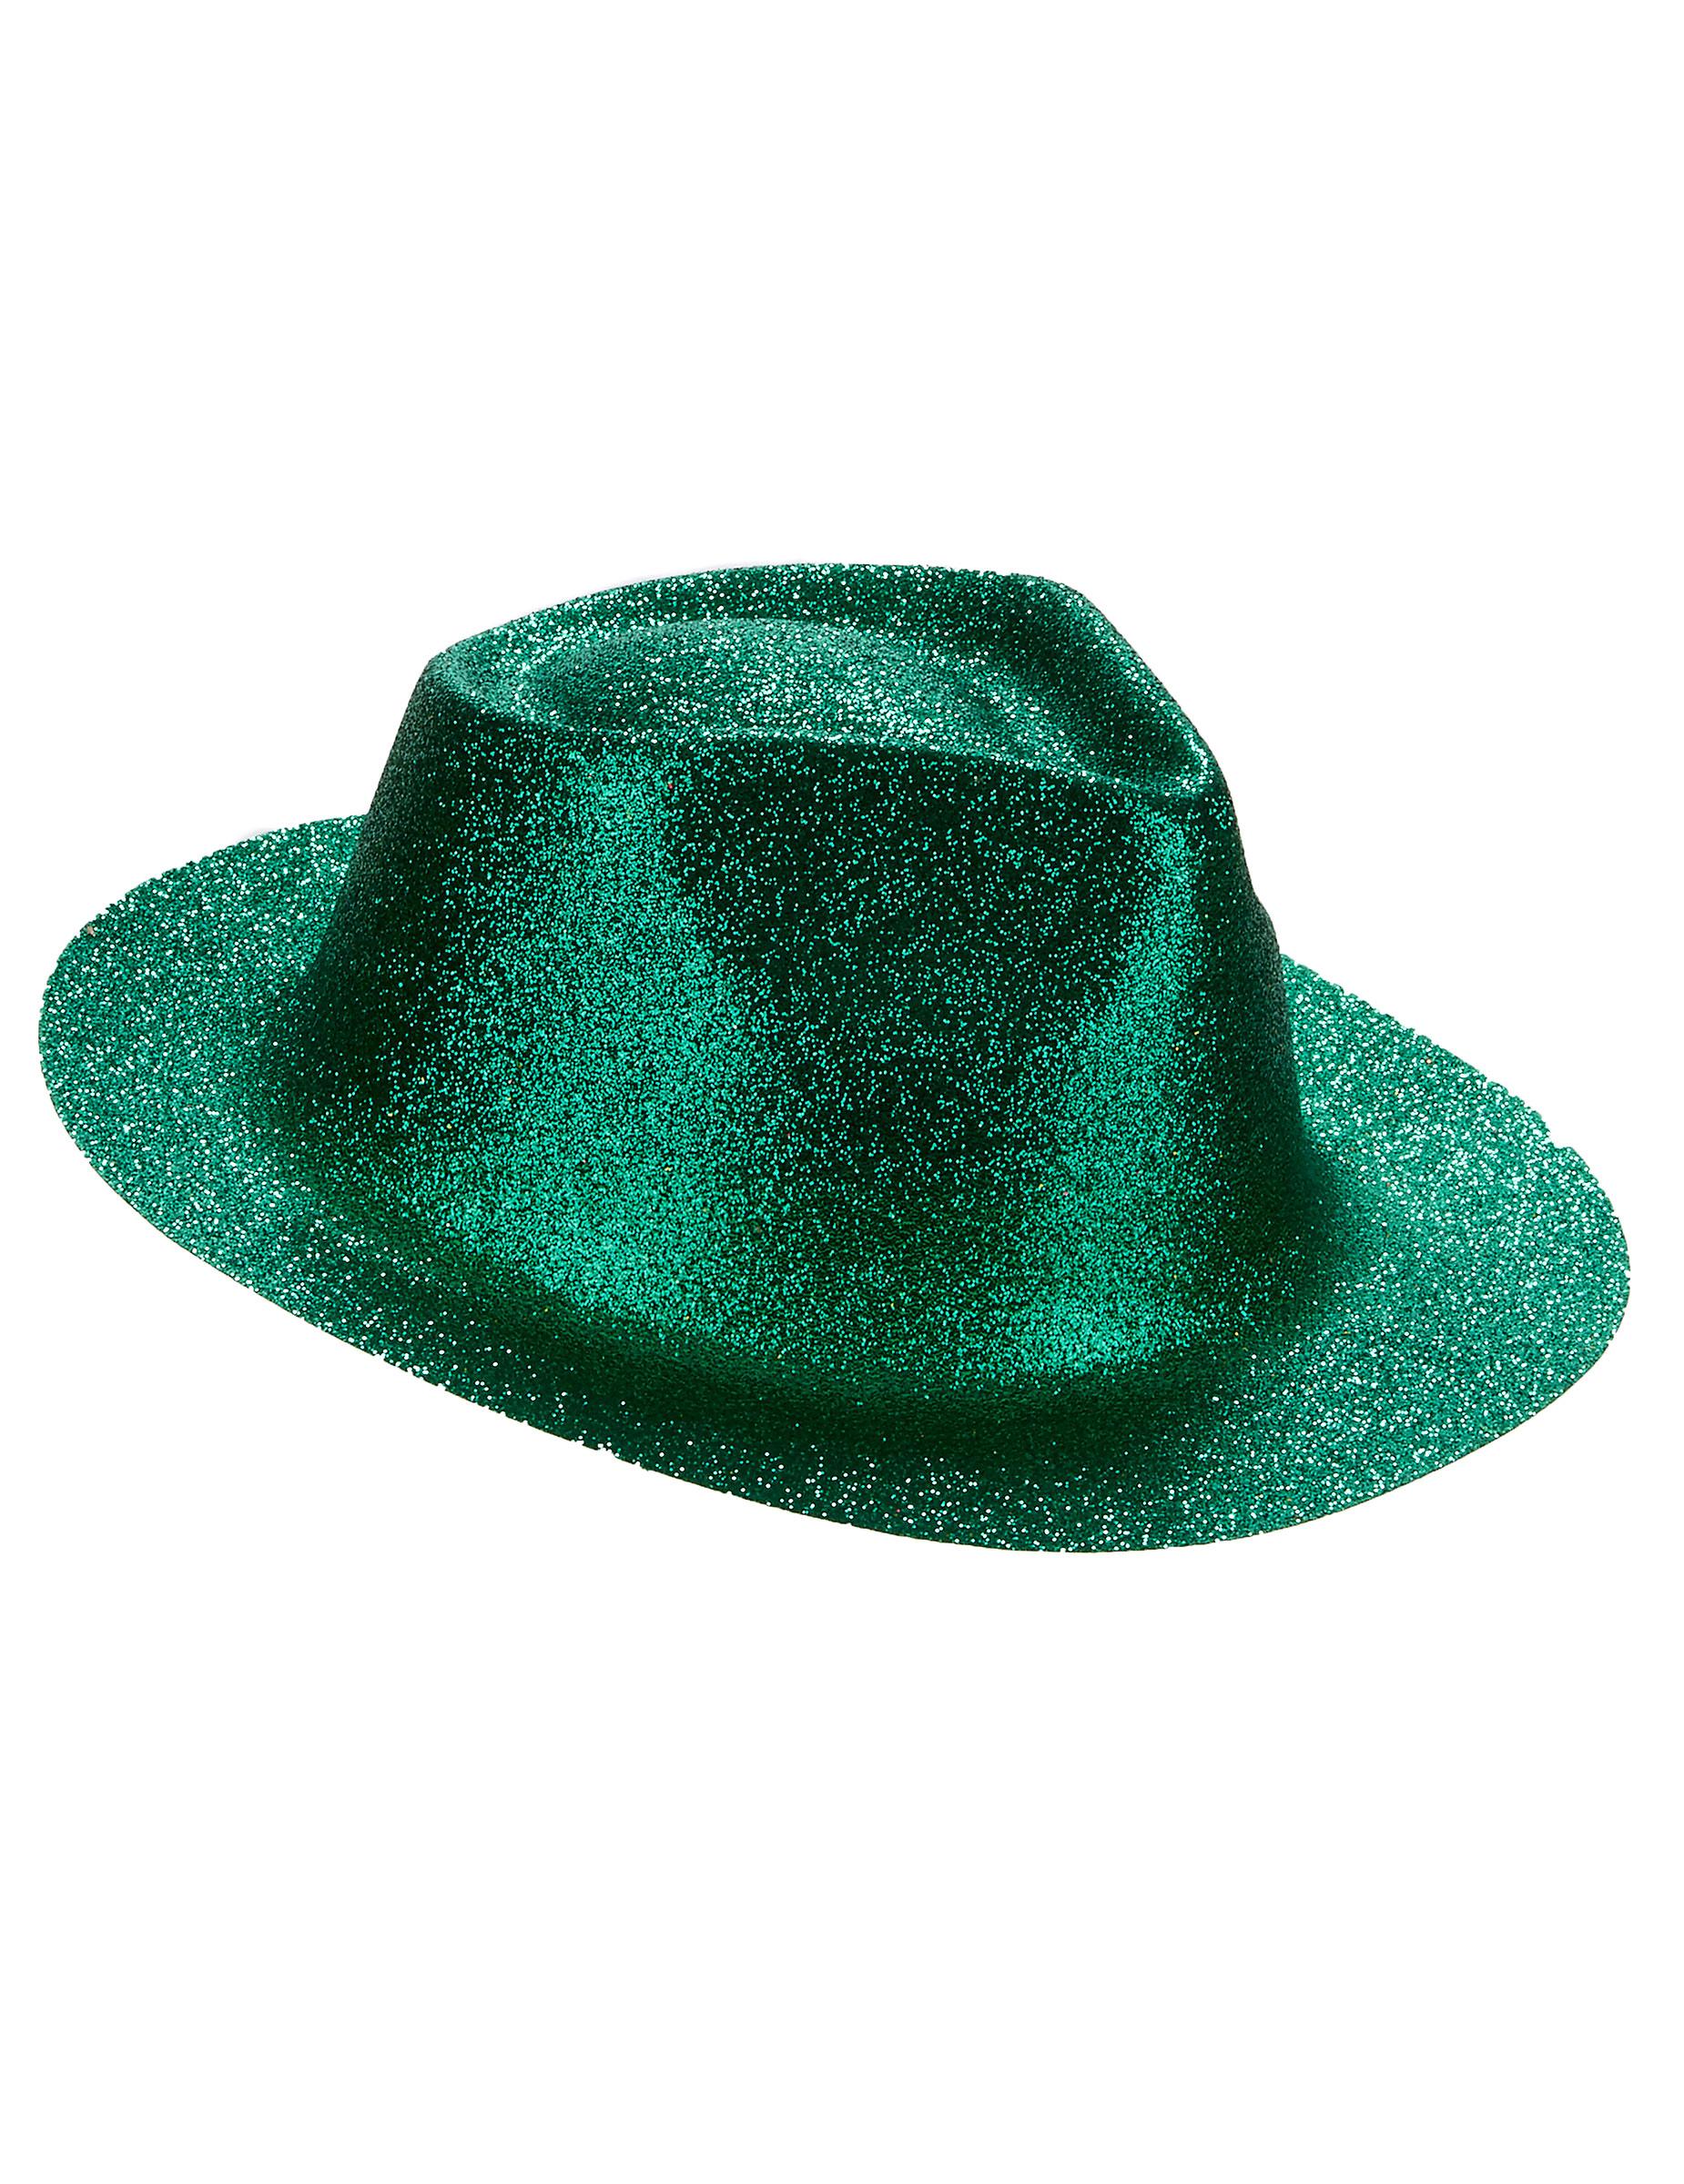 Cappello borasalino verde con brillantini per adulto 82e837c14b02